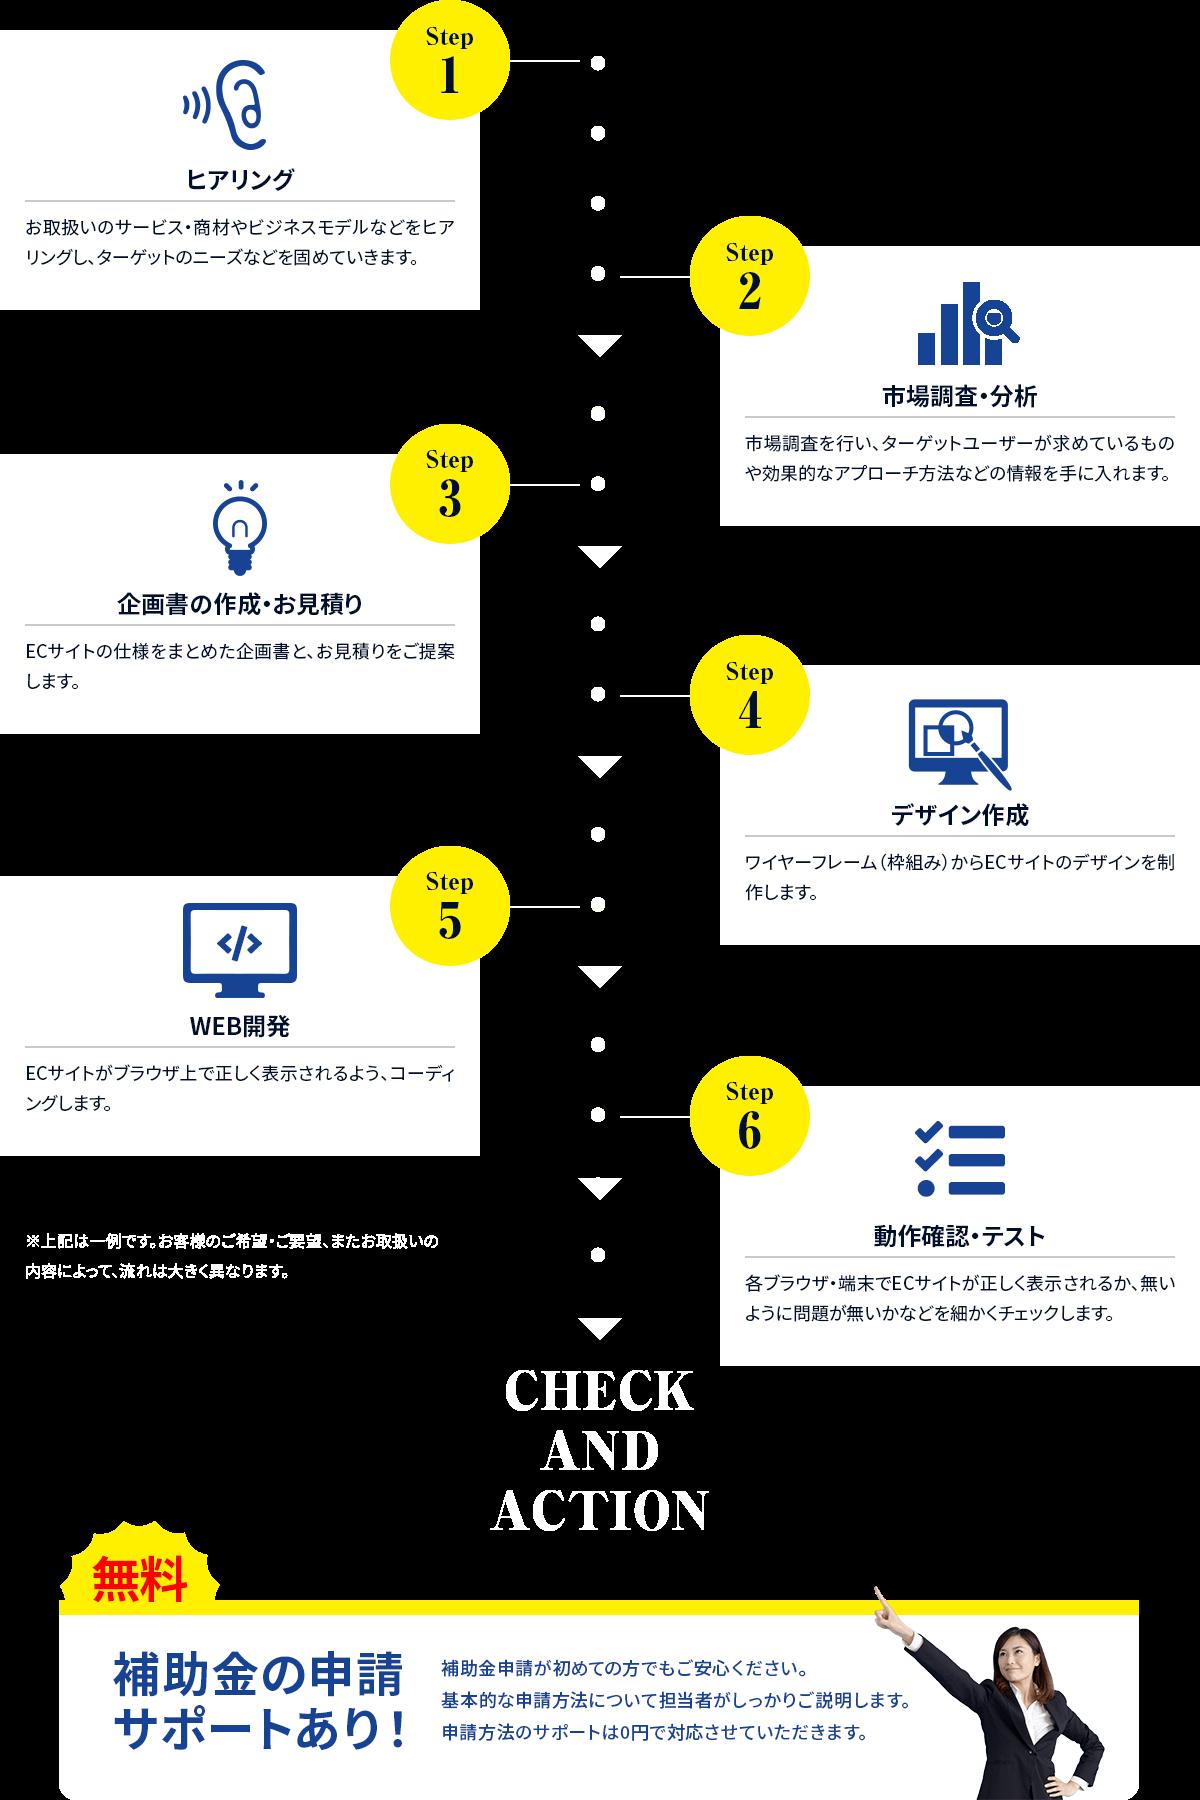 制作の流れの詳細図